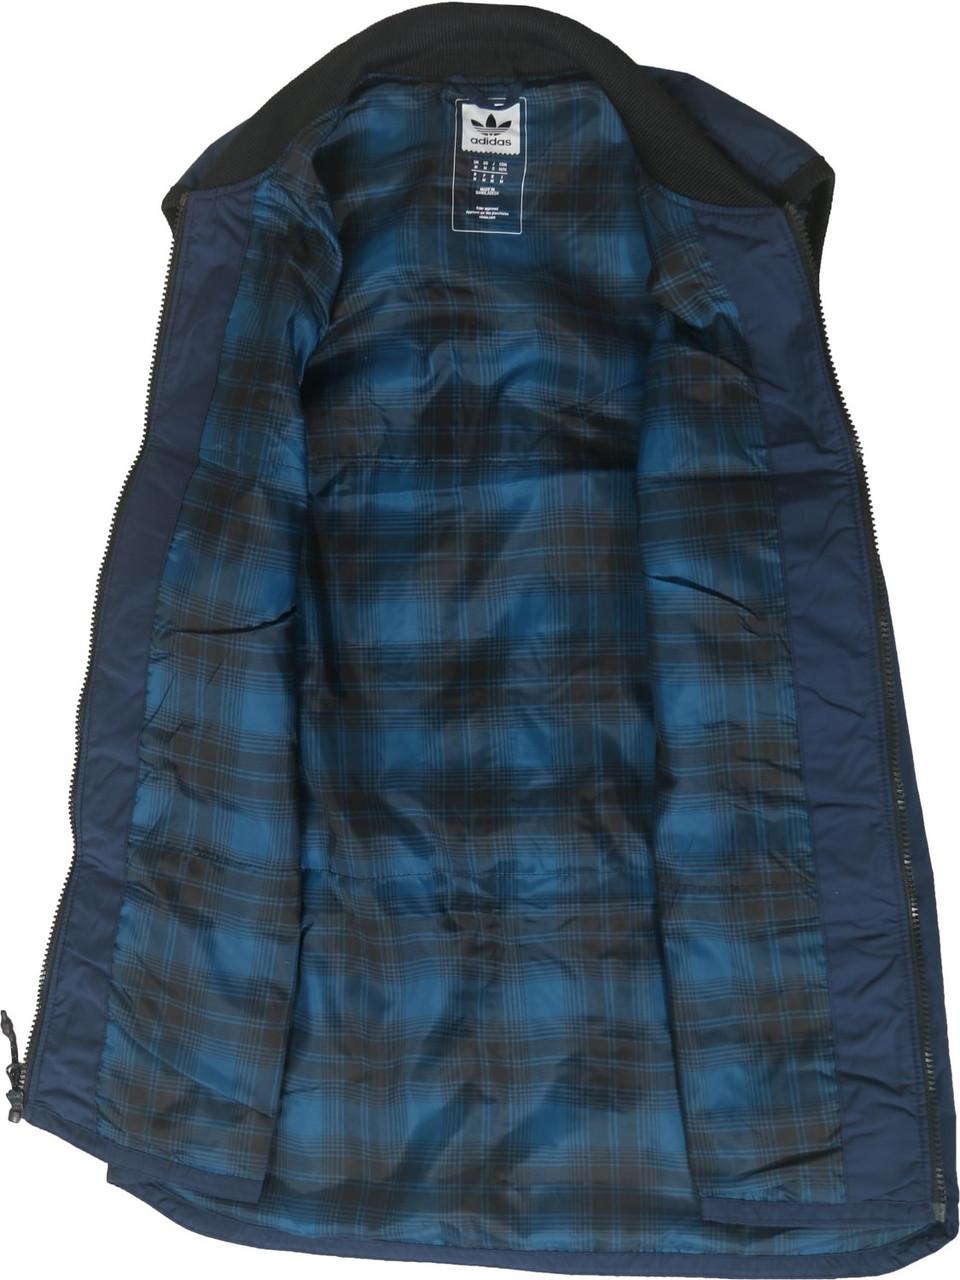 Adidas Meade Vest Mens Navy Black